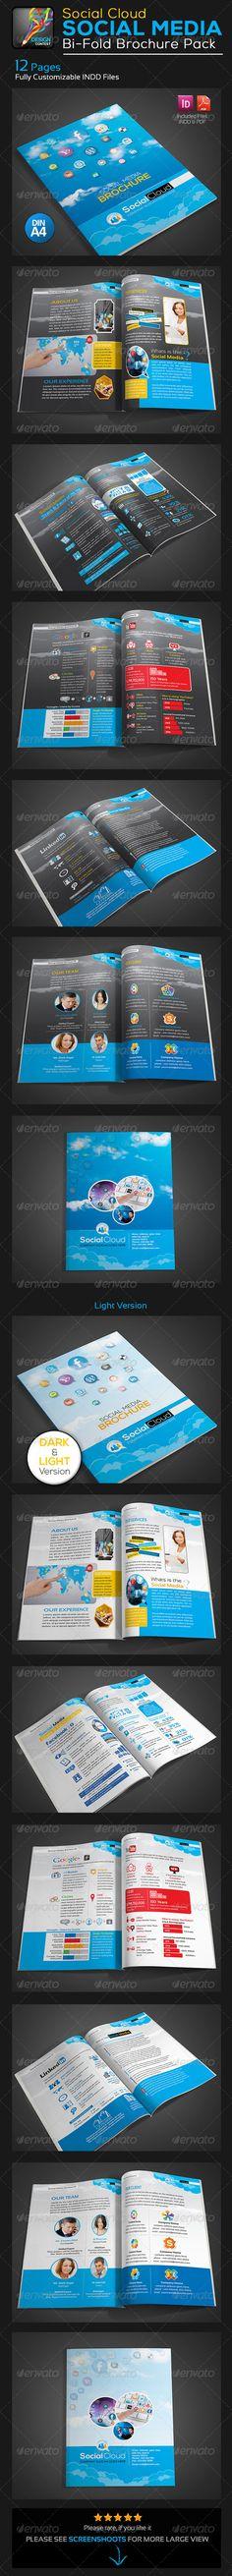 Social Cloud : Social Media 12 Pages Brochure